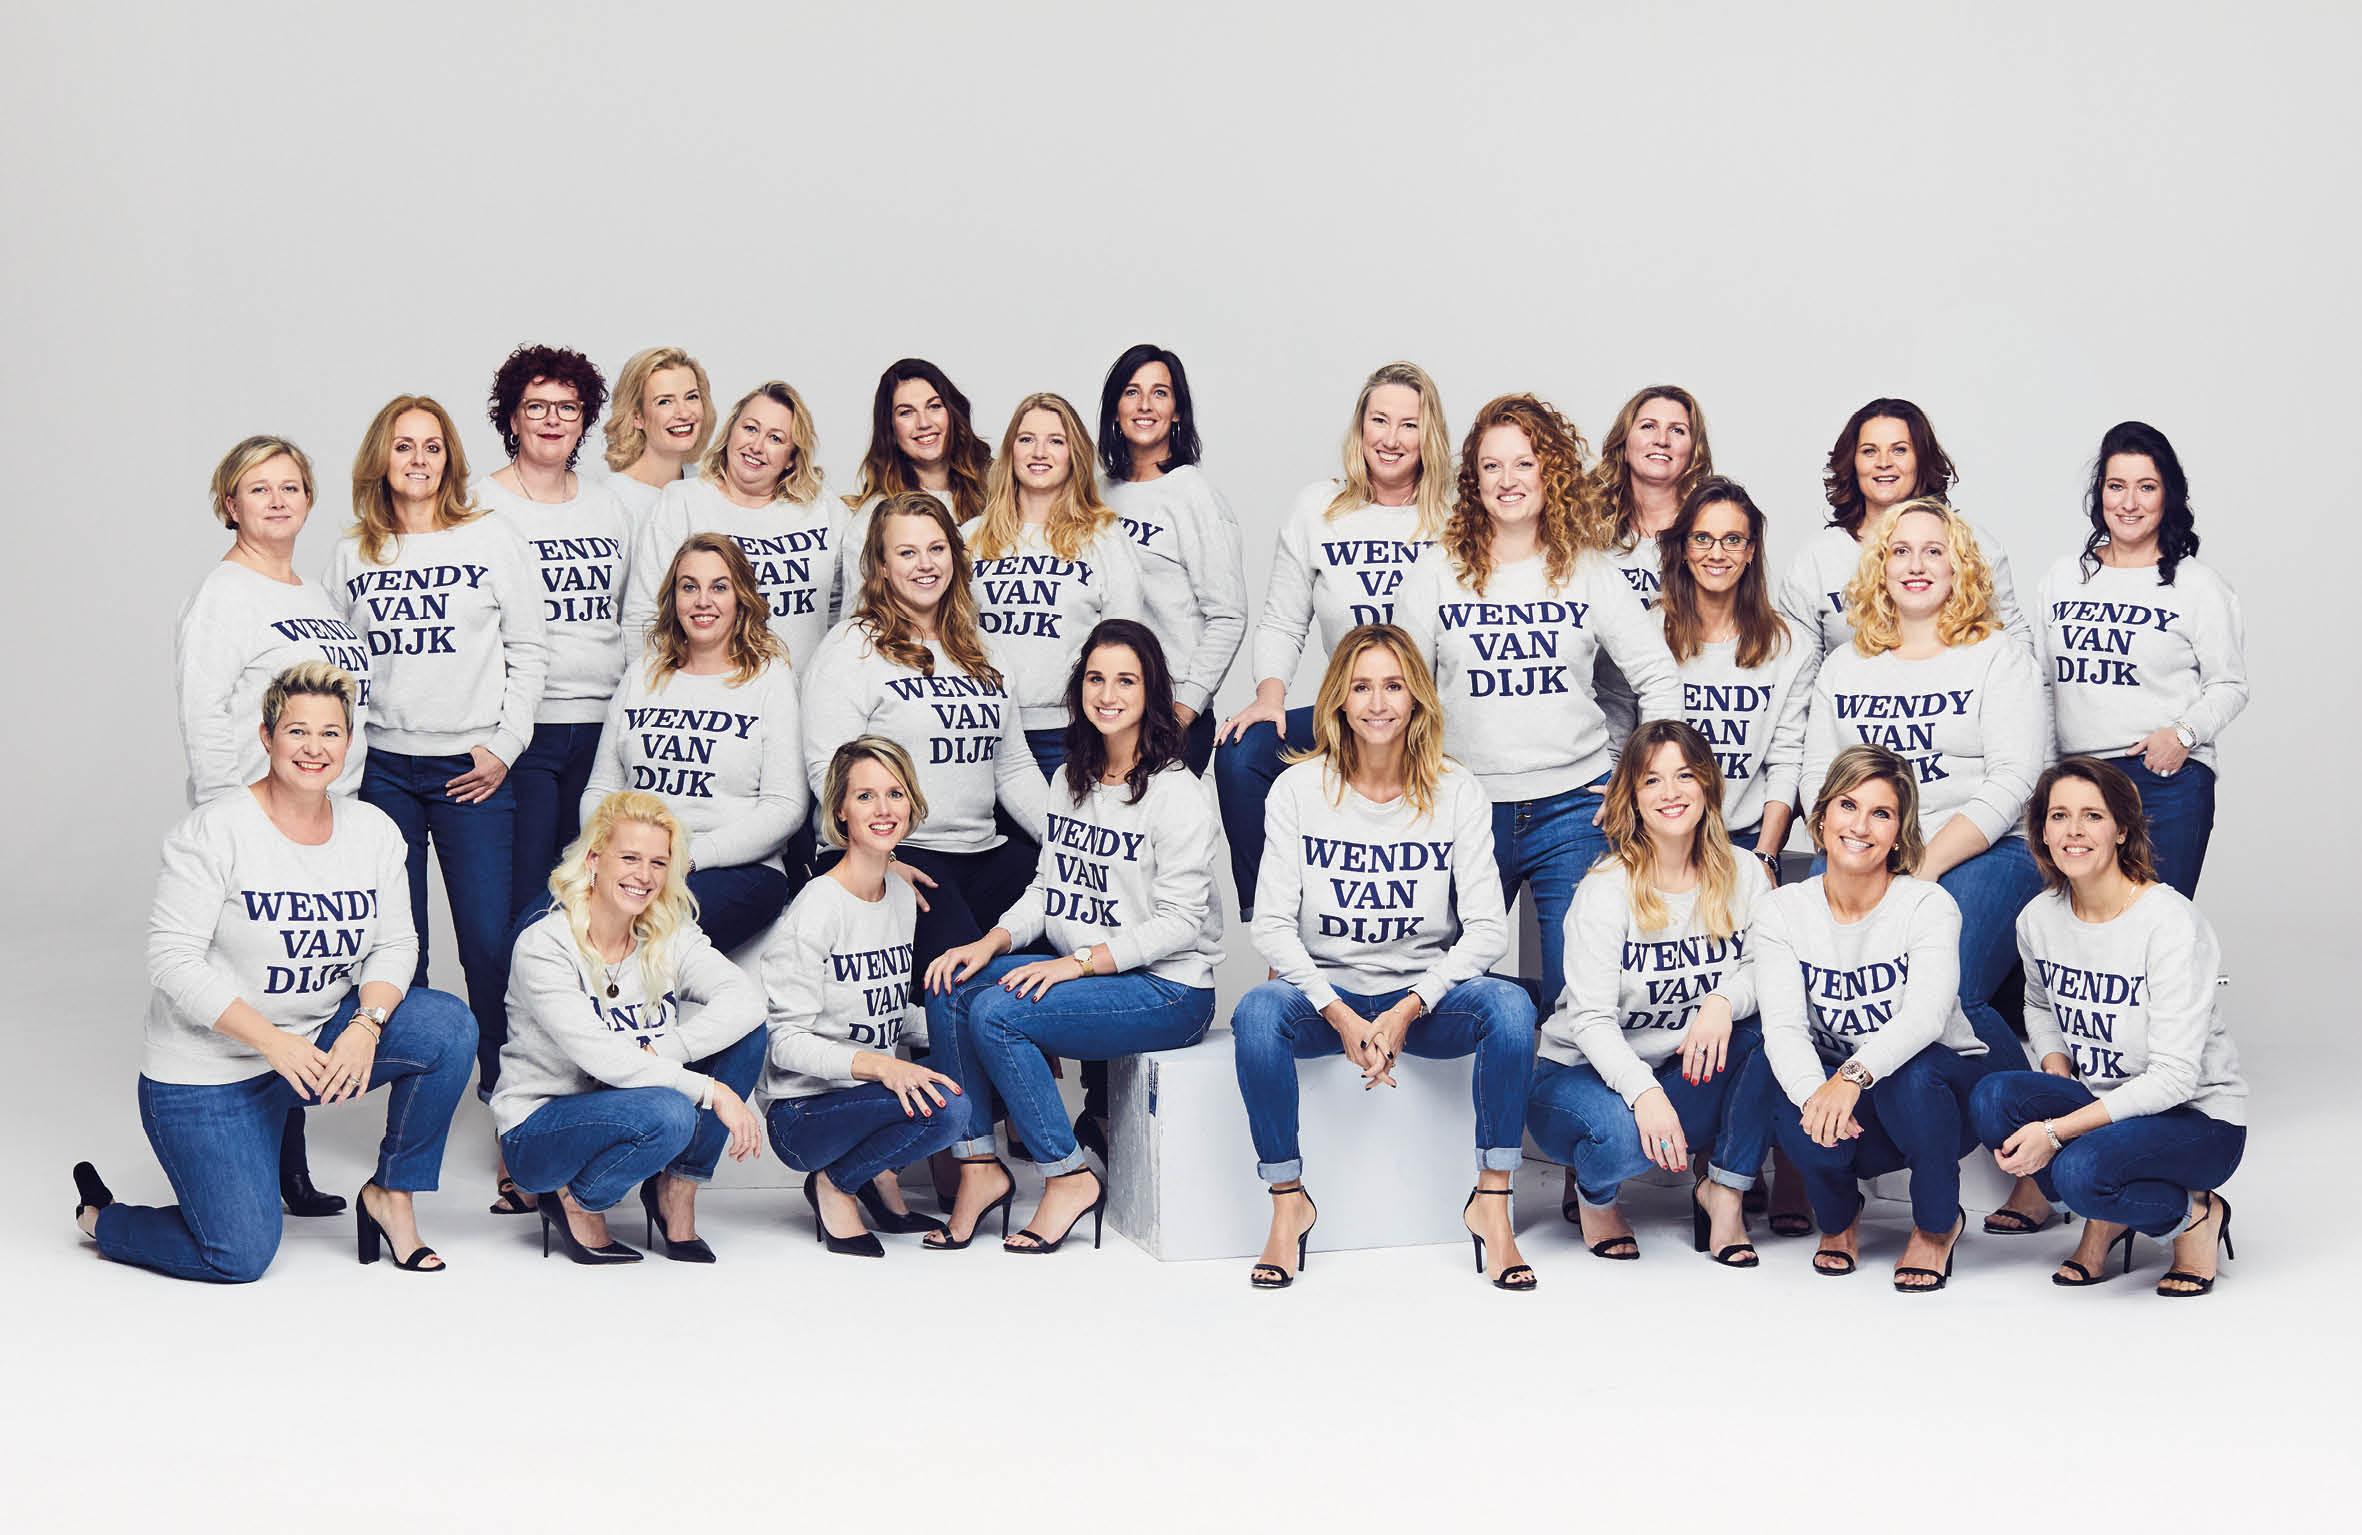 wendys WENDY viert feest: wij geven 25x een Cradle to Cradle-jeans van C&A weg!